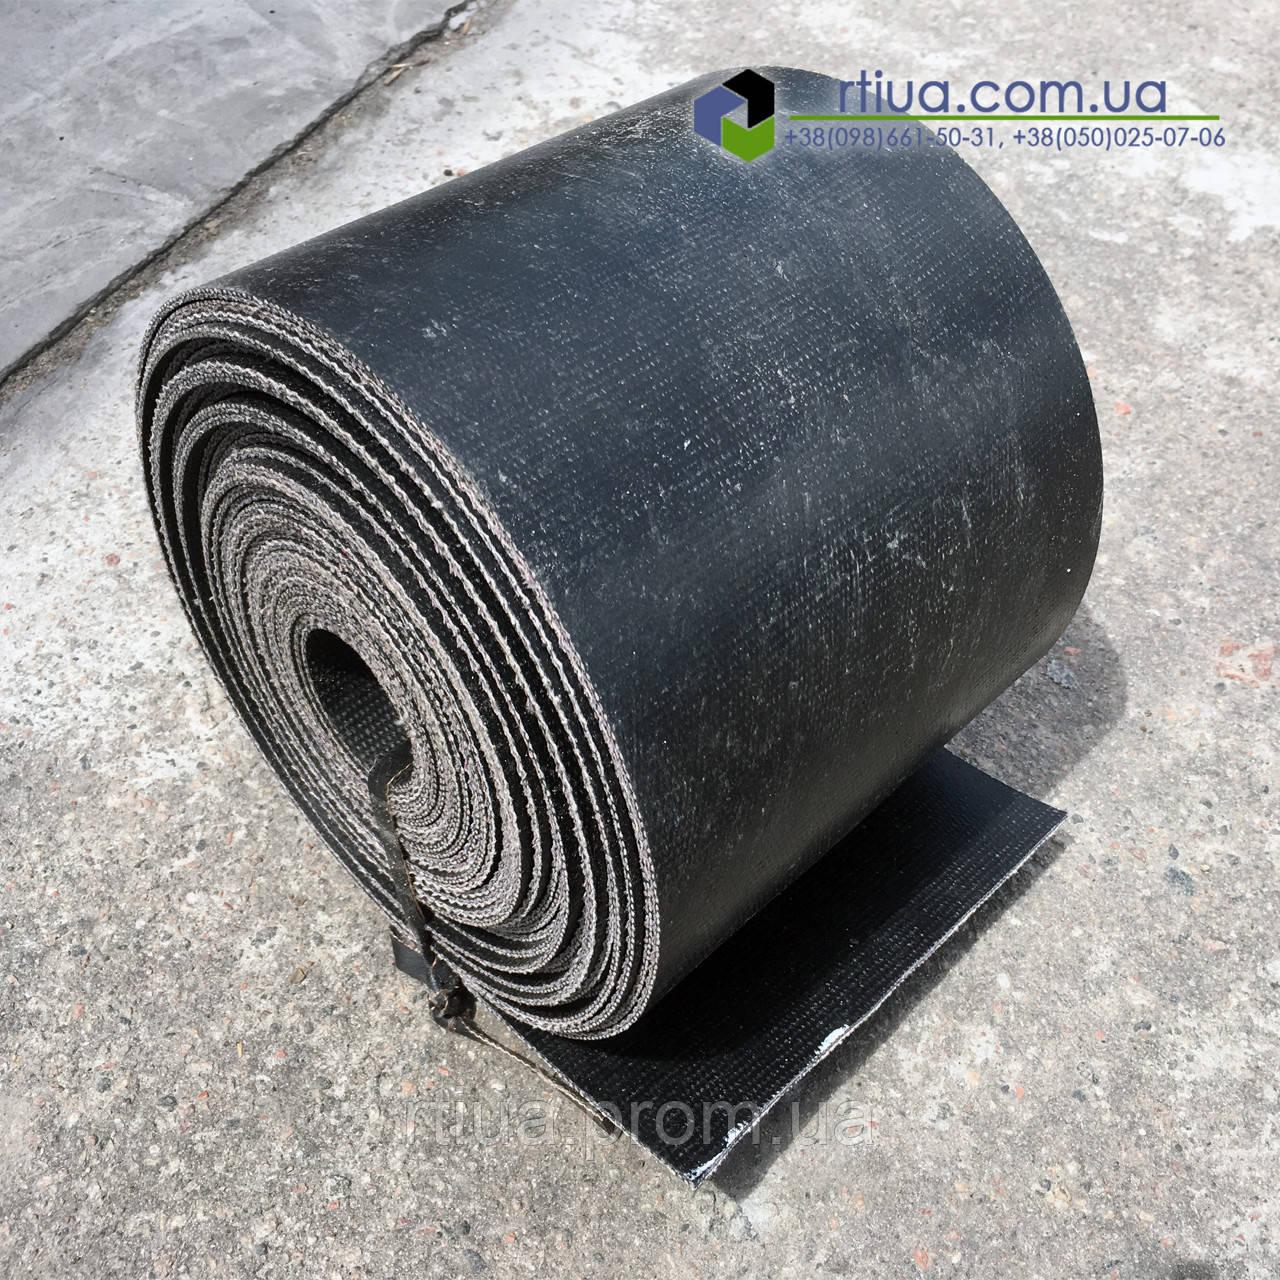 Транспортерная лента БКНЛ, 500х3 - 3/1 (7 мм)